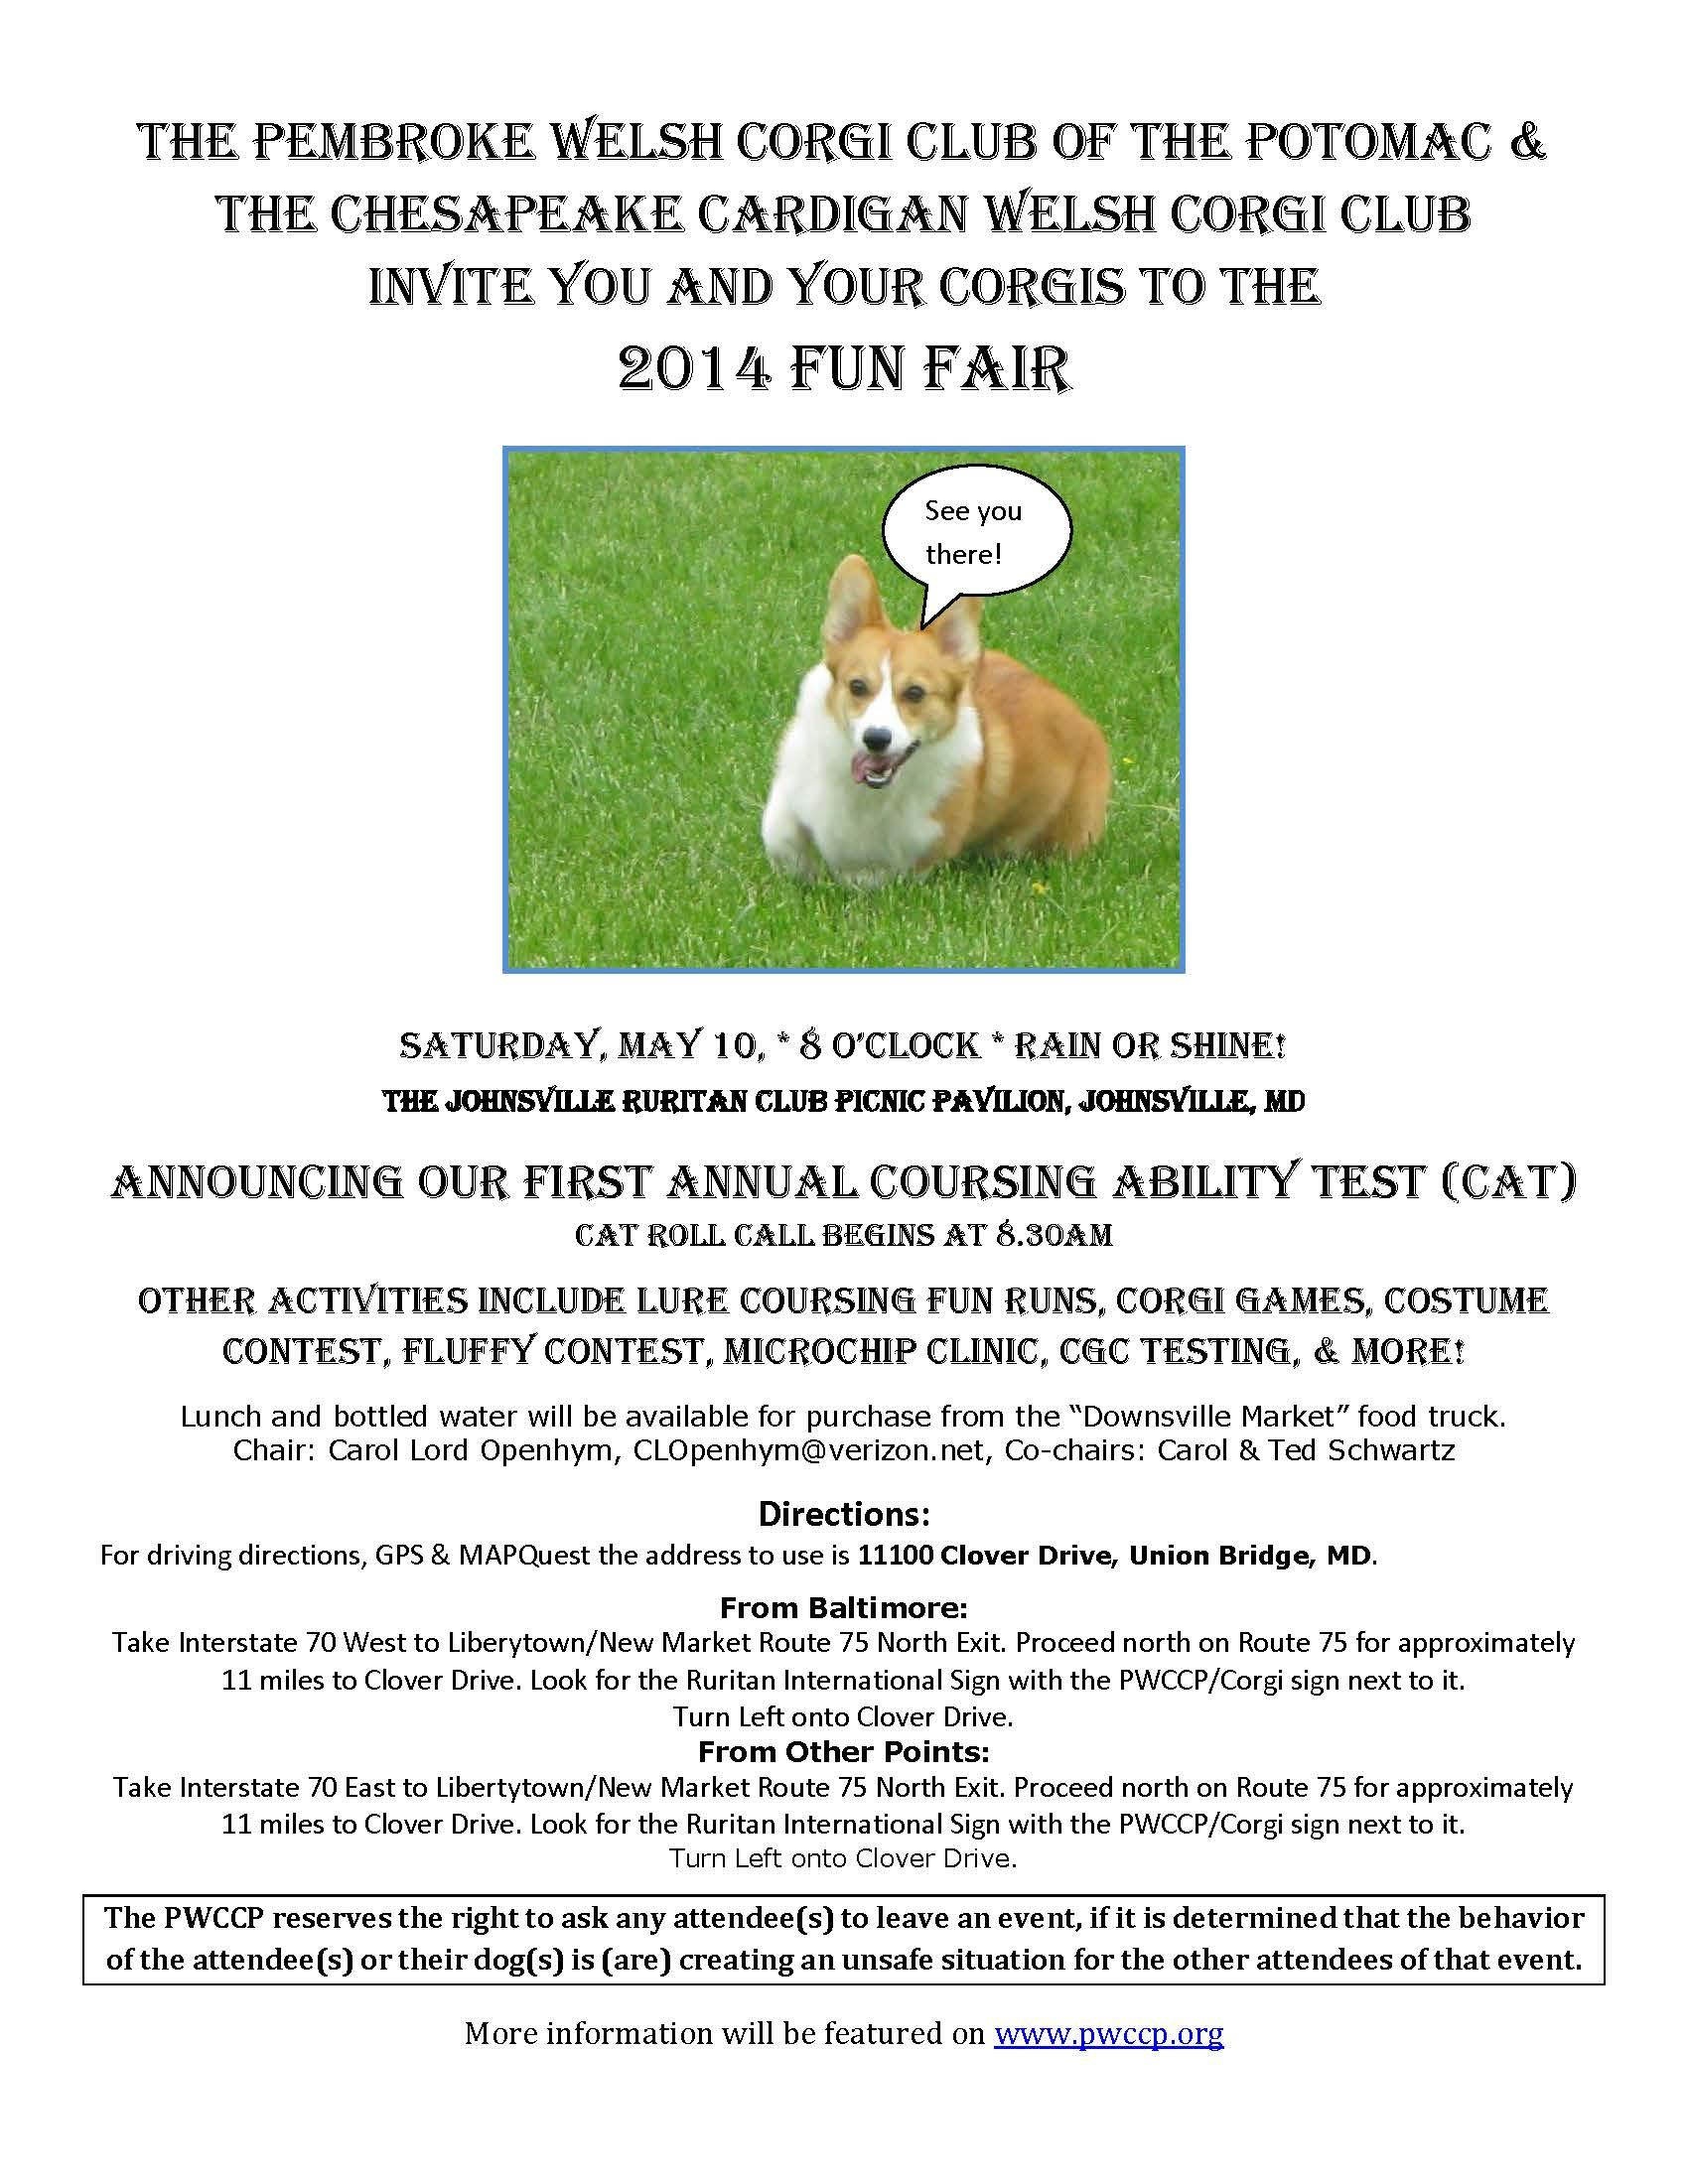 Fun Fair 2014 flyer